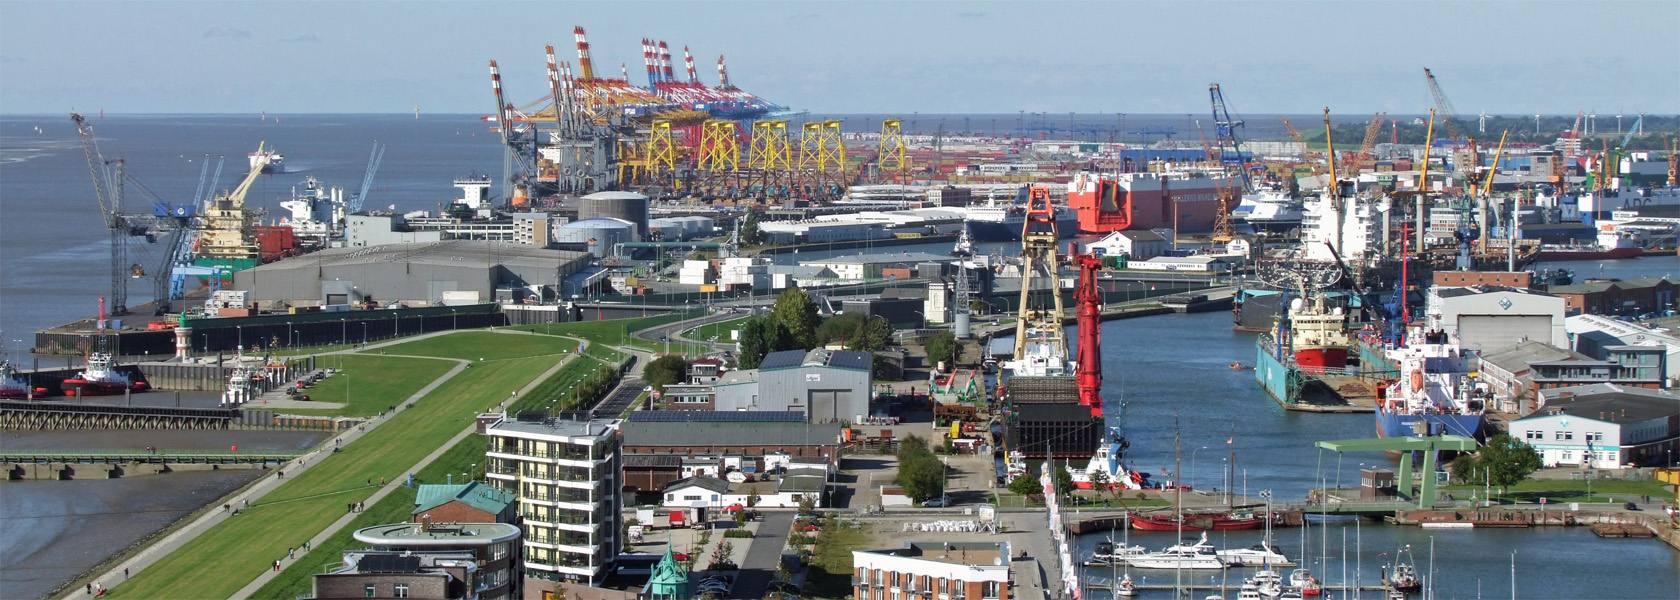 Überseehäfen Bremerhaven, © Erlebnis Bremerhaven GmbH